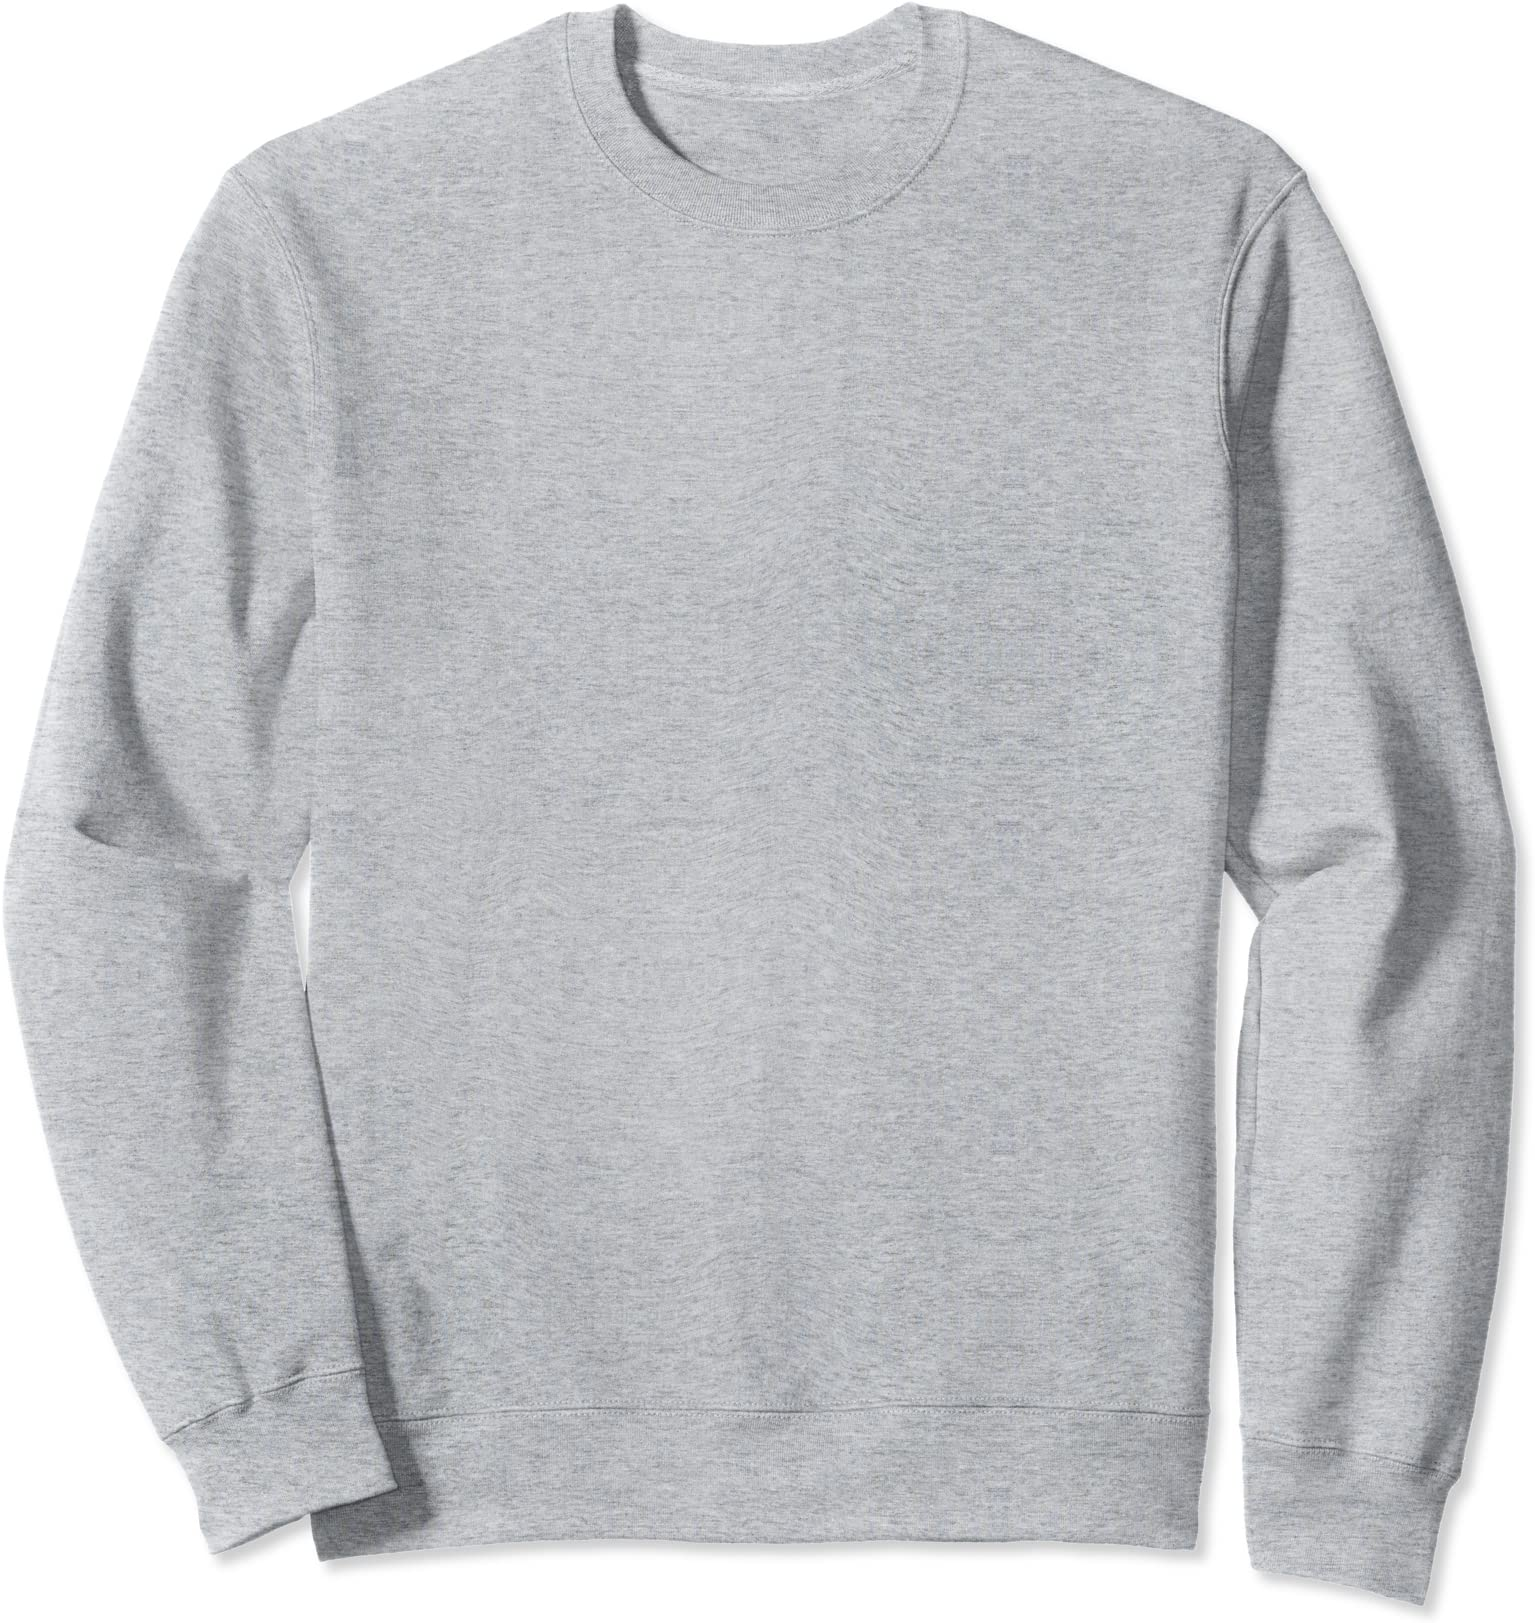 Unicorn Rhino Chocolate Sweatshirt